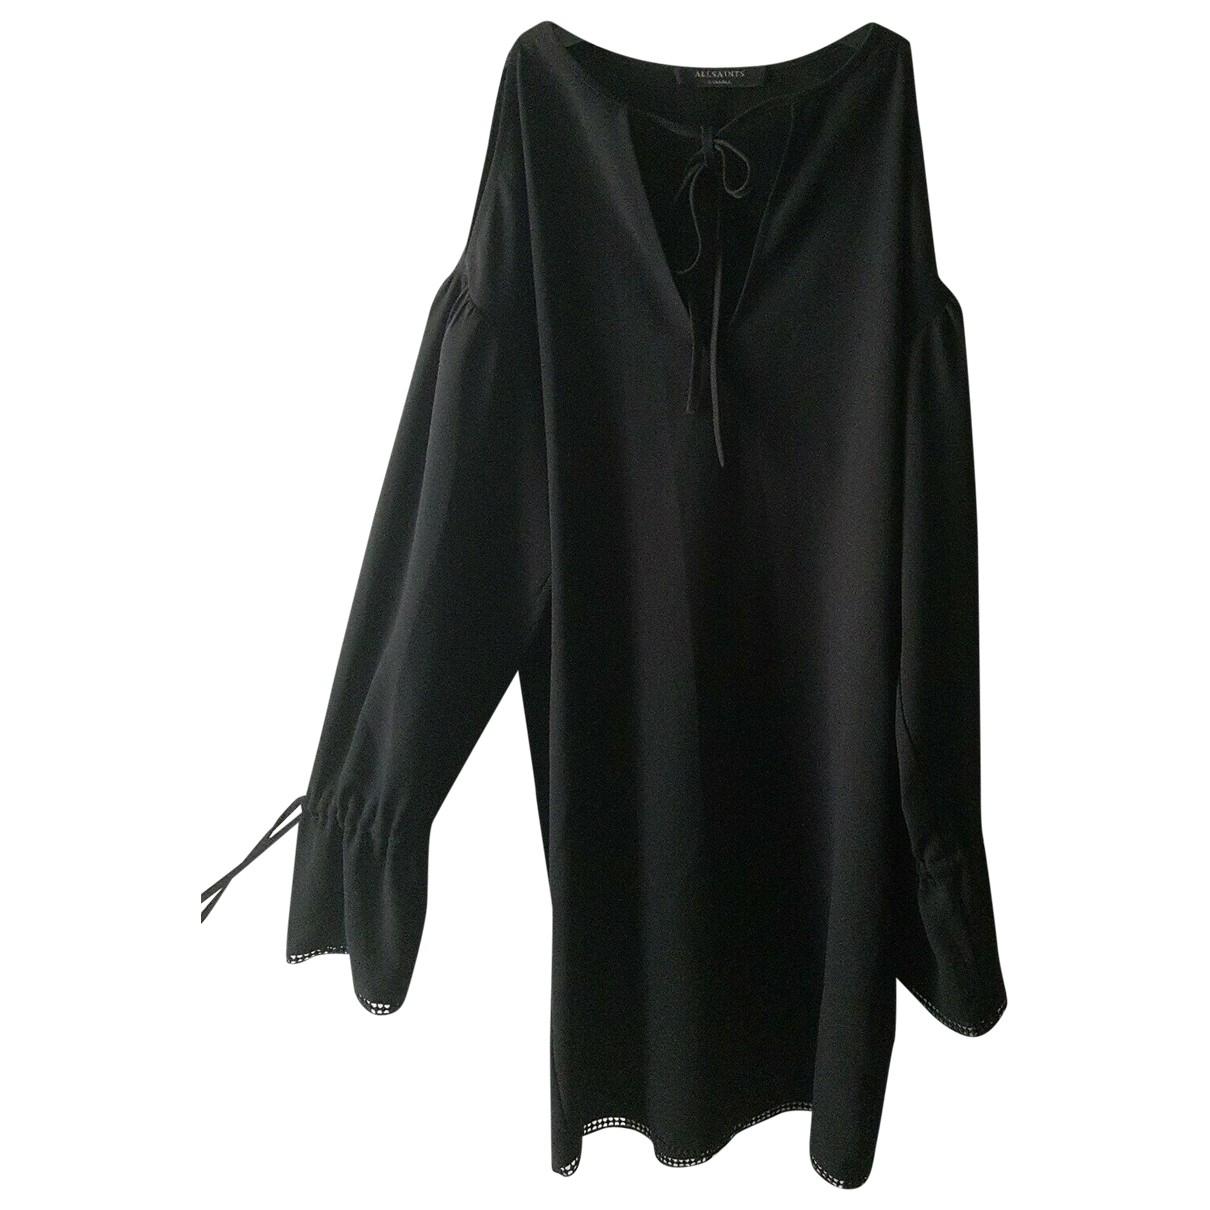 All Saints \N Black dress for Women S International